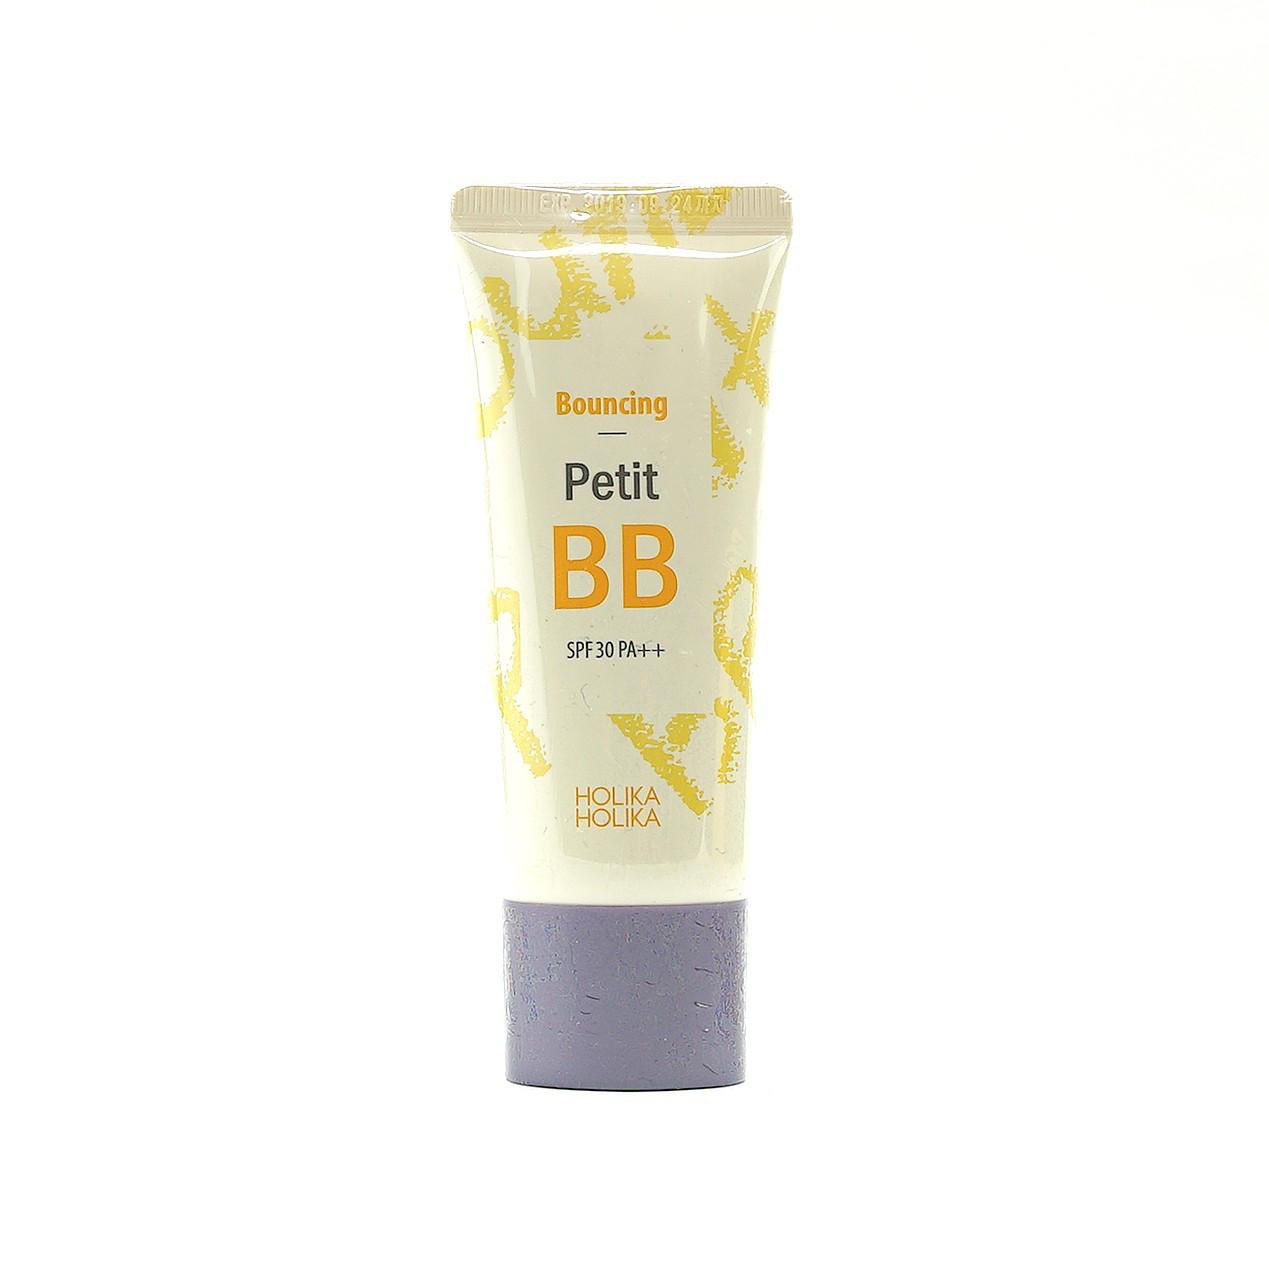 BB-крем с коллагеном и экстрактом черной икры Holika Holika Petit BB Bouncing - 30 мл